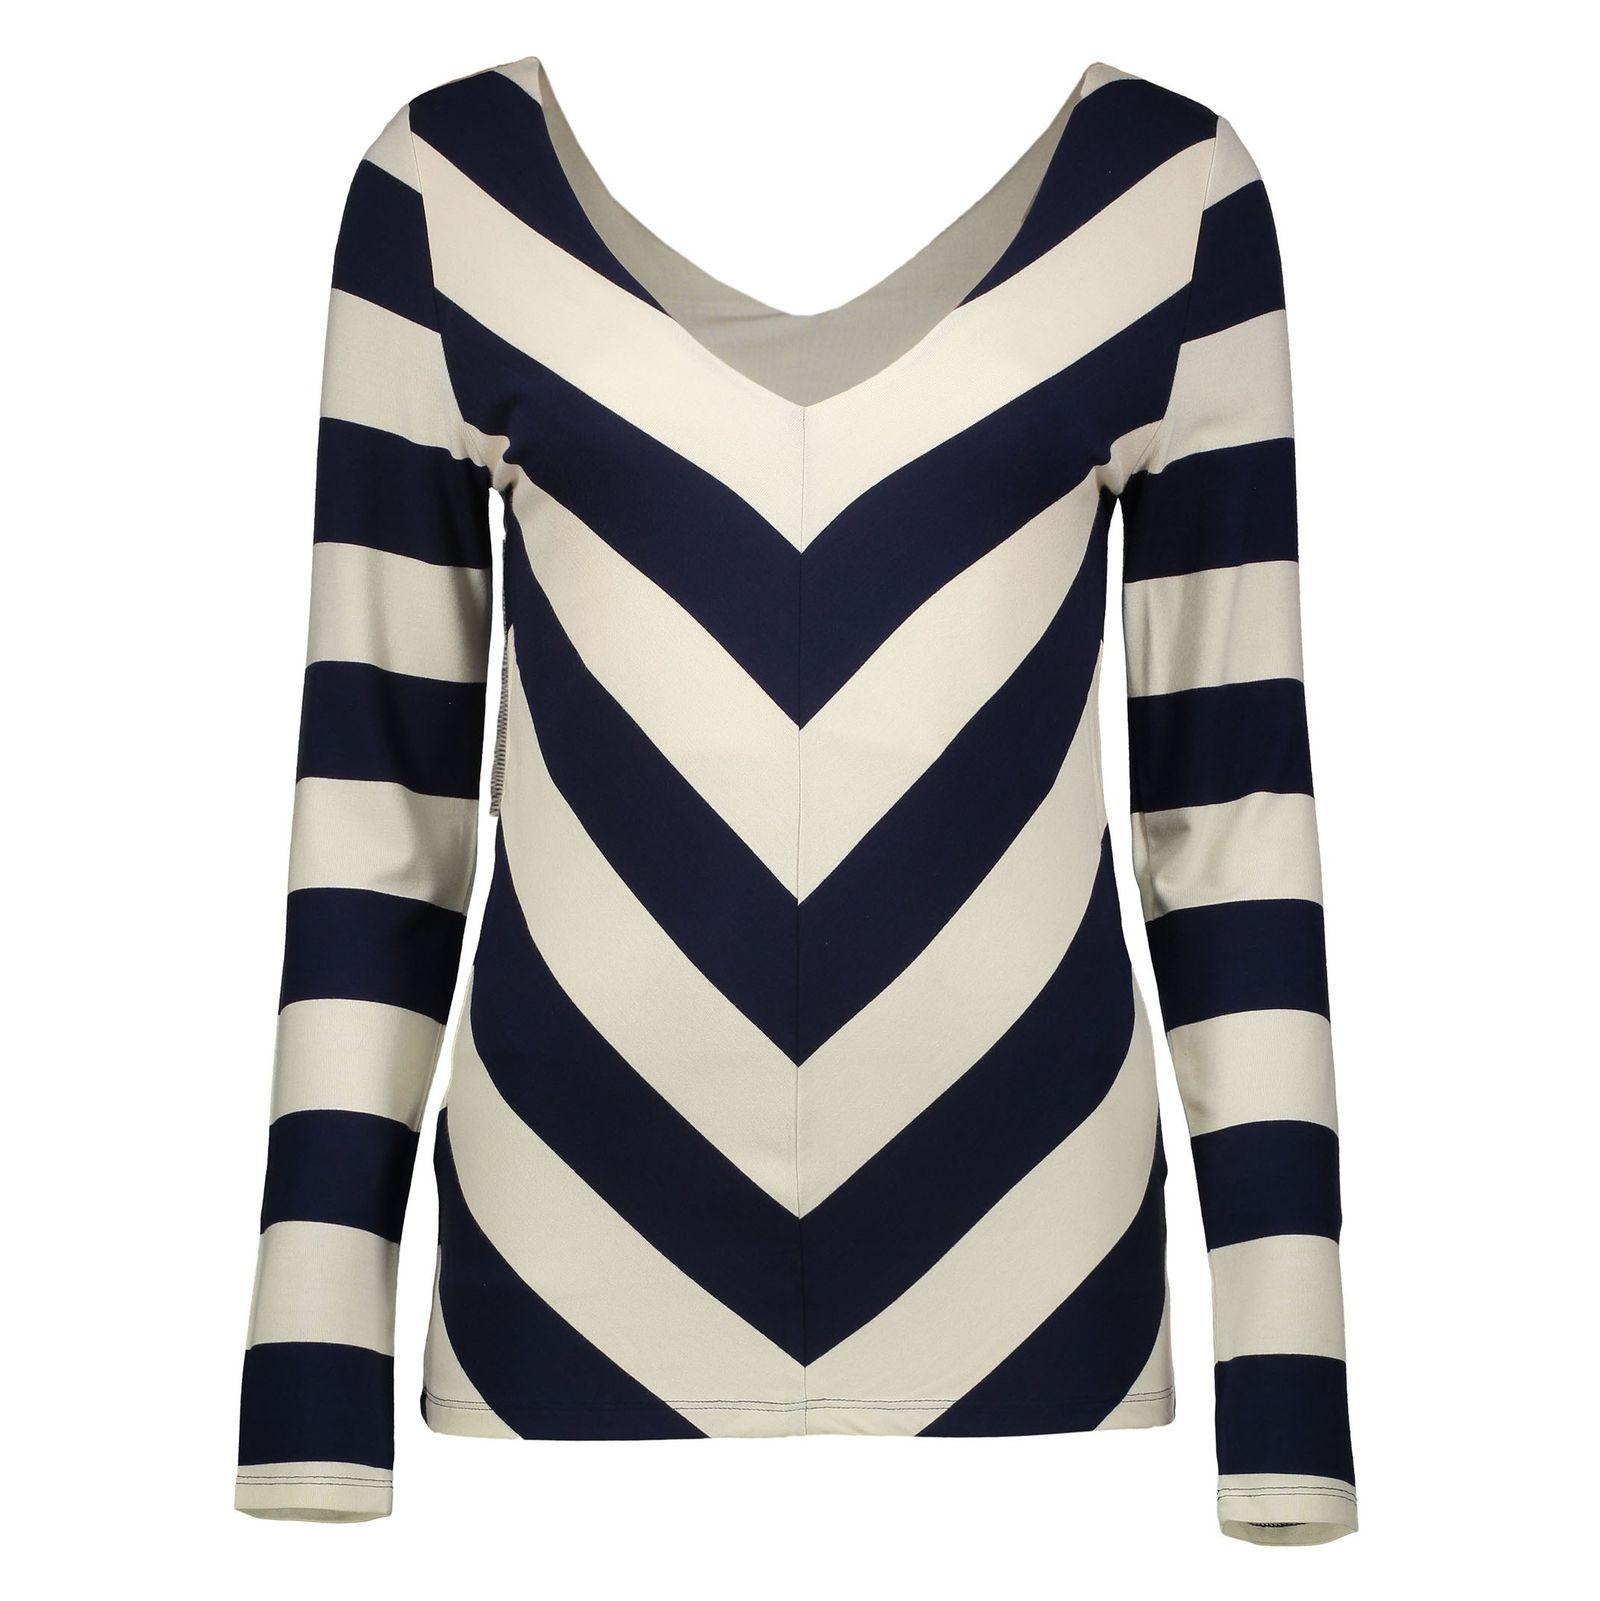 تی شرت ویسکوز یقه هفت زنانه - فاینری لندن - سرمه اي و کرم - 1